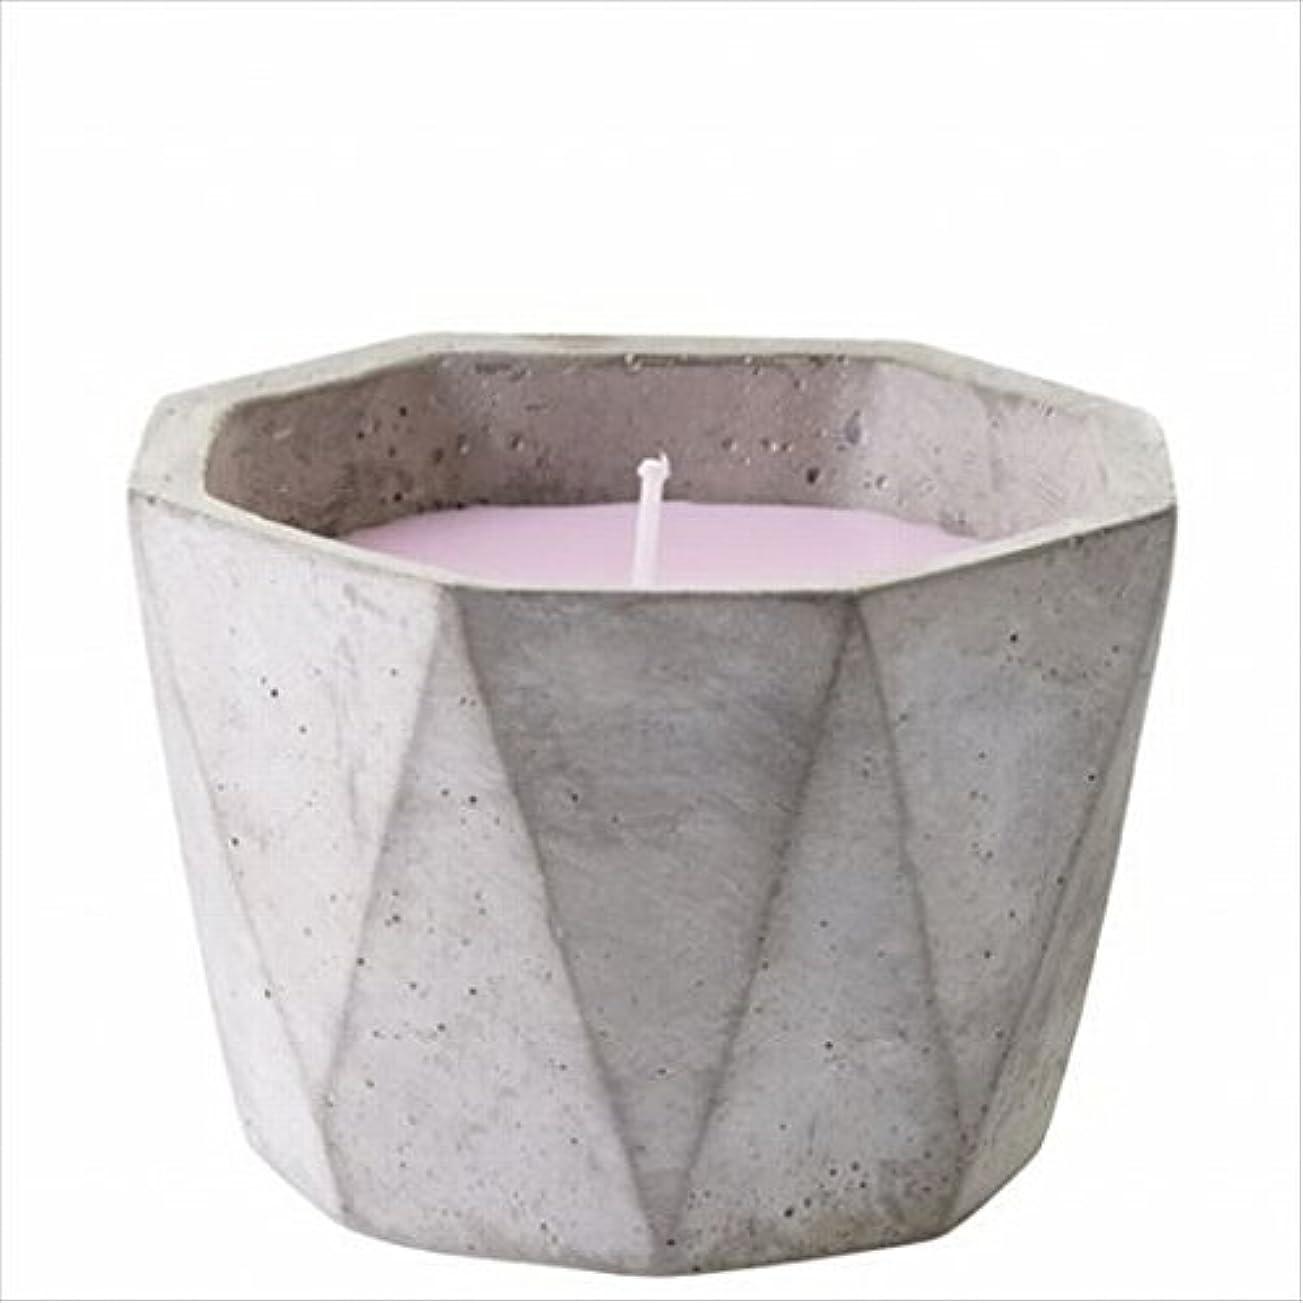 シャックルズボン体系的にカメヤマキャンドル(kameyama candle) POiNT A LA LiGNE セメントポットセンティッドキャンドル 「 マグノリアセージ 」